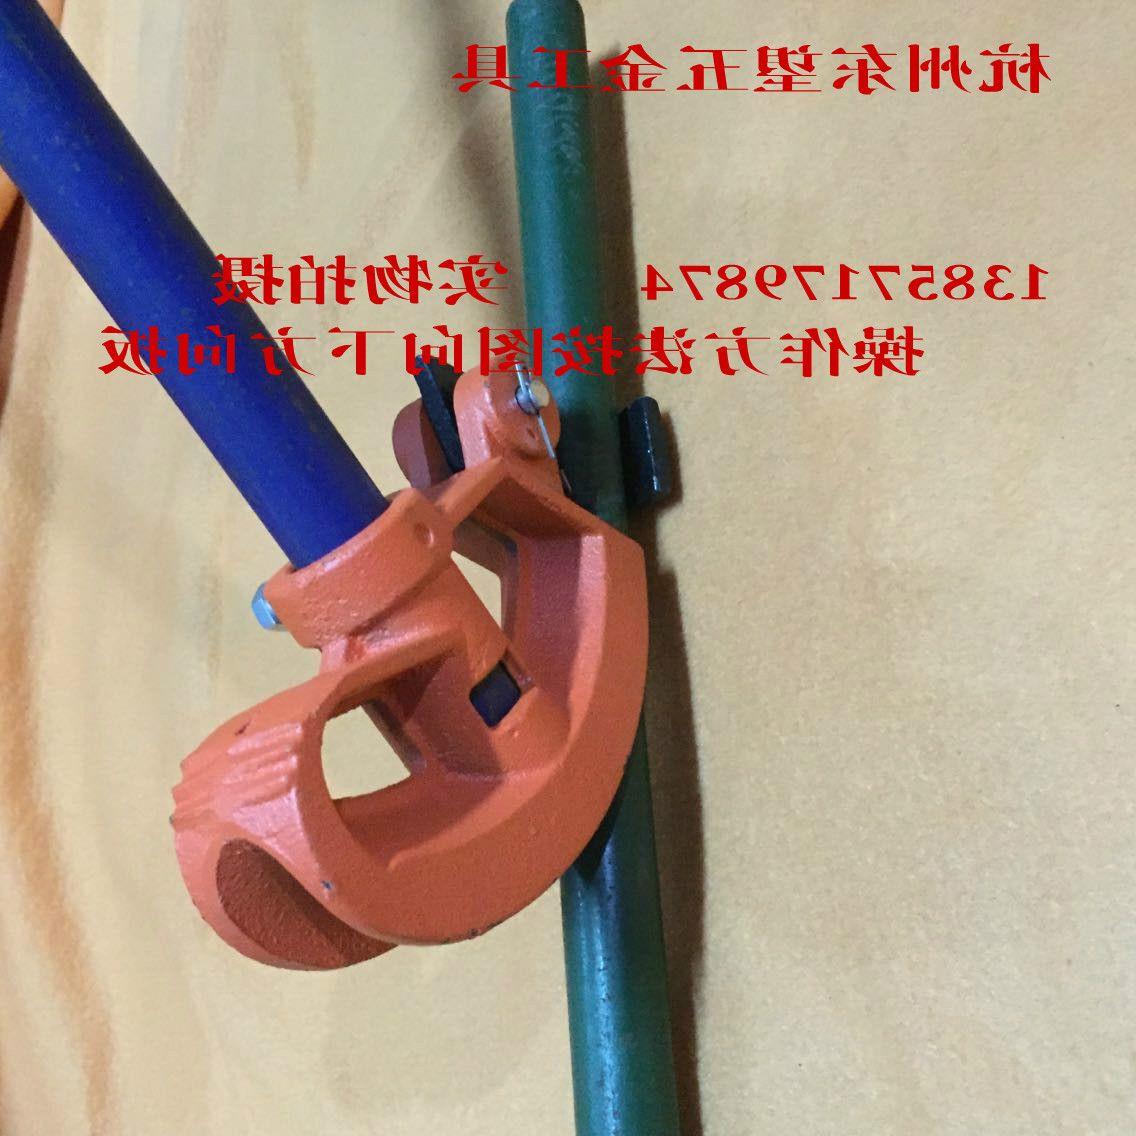 Loại ống dày bender plater sắt ống uốn cong công cụ hướng dẫn sử dụng ống uốn cong uốn cong ống - Dụng cụ thủy lực / nâng